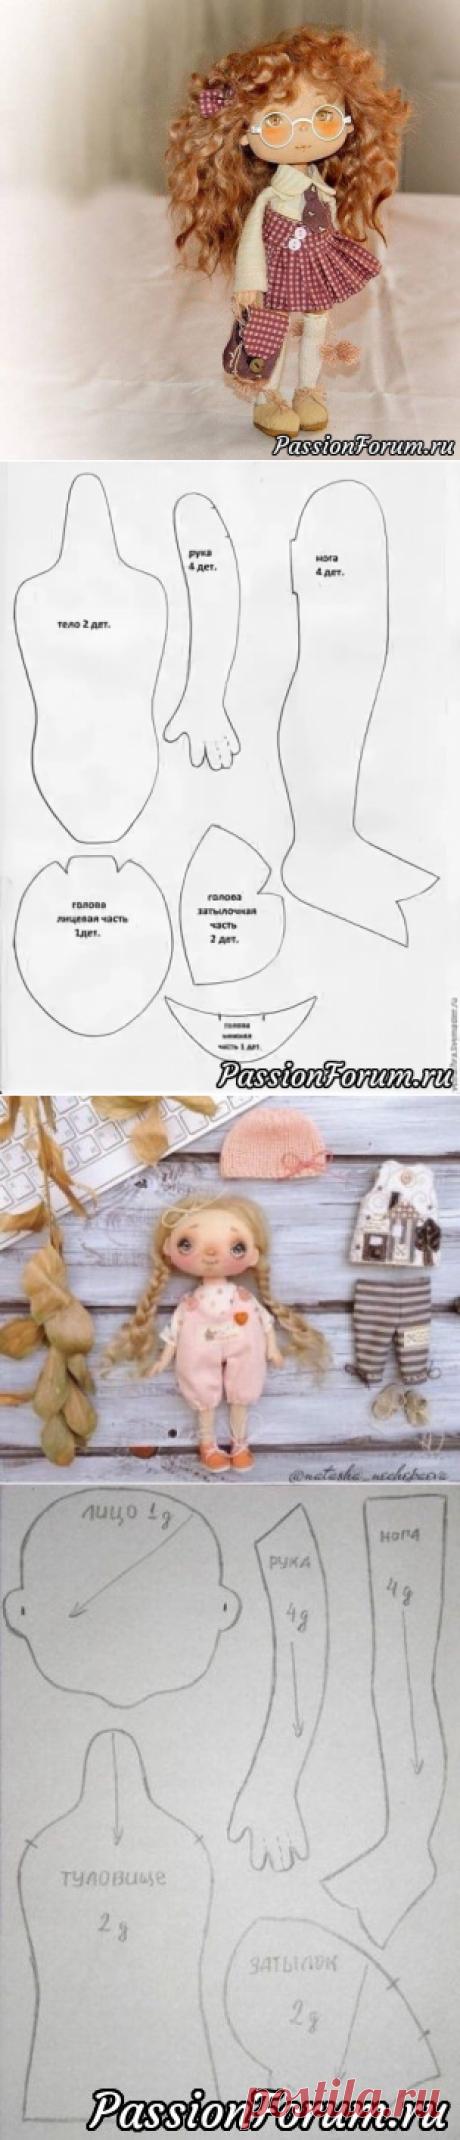 Куклы с выкройкой от Юлии Поляковой + бонус шпаргалка по росписи лица | Грунтованный текстиль